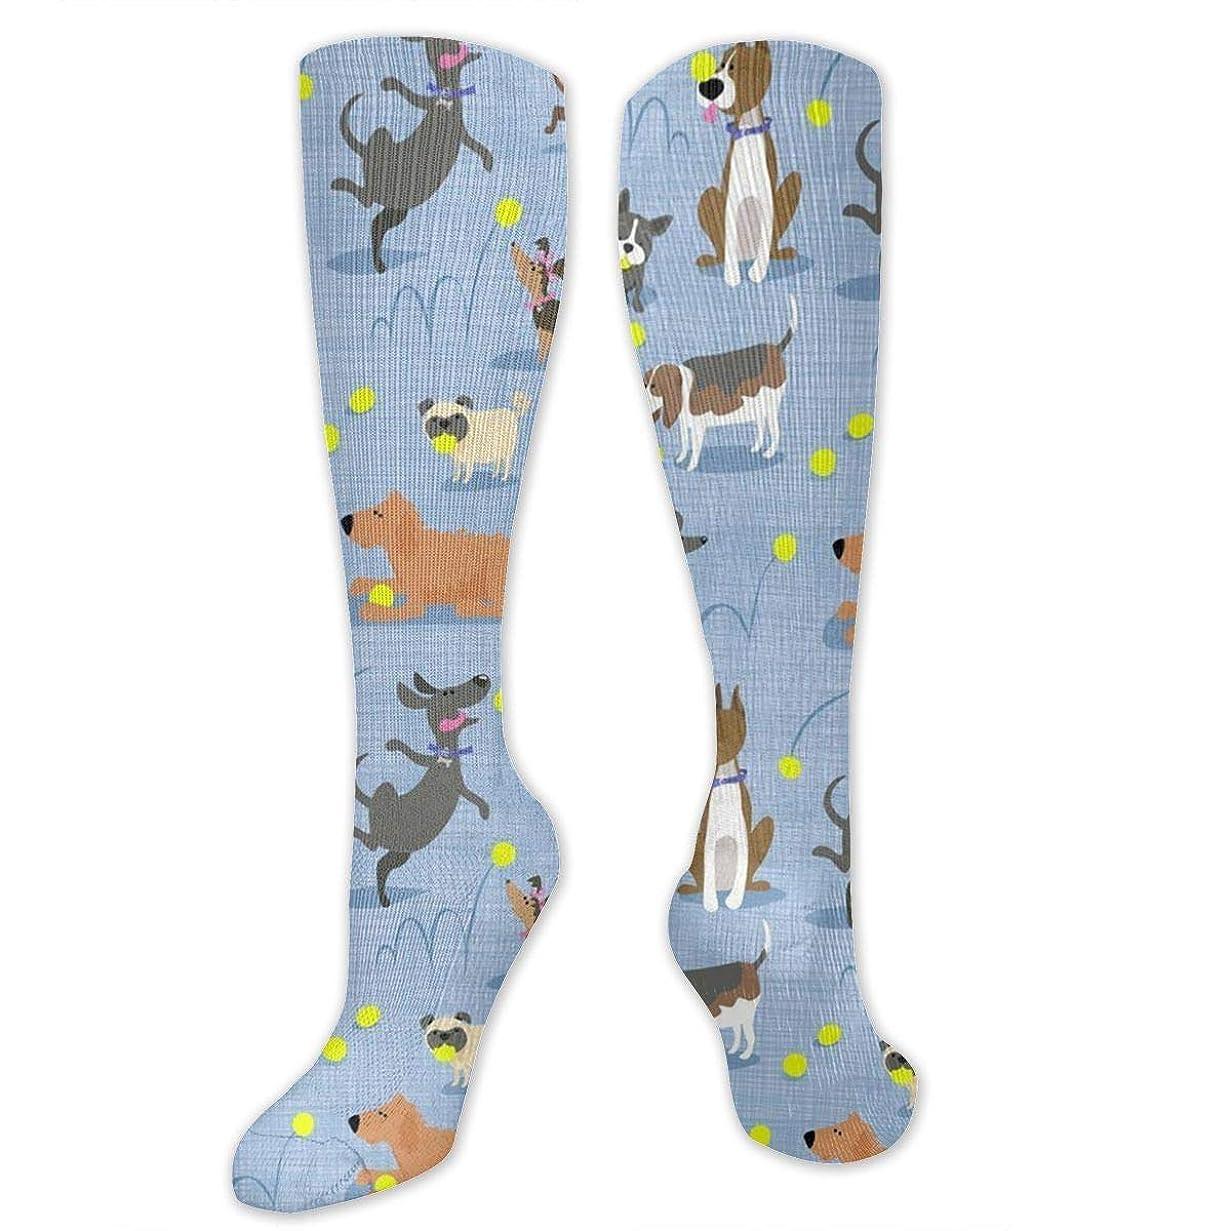 ガード療法代数靴下,ストッキング,野生のジョーカー,実際,秋の本質,冬必須,サマーウェア&RBXAA Tennis Dogs Socks Women's Winter Cotton Long Tube Socks Cotton Solid & Patterned Dress Socks